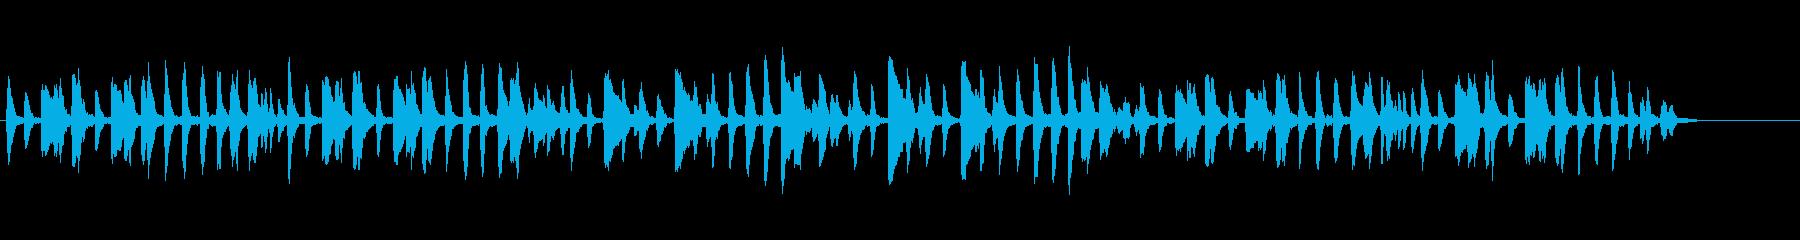 クラシックピアノ「木の兵隊」の再生済みの波形